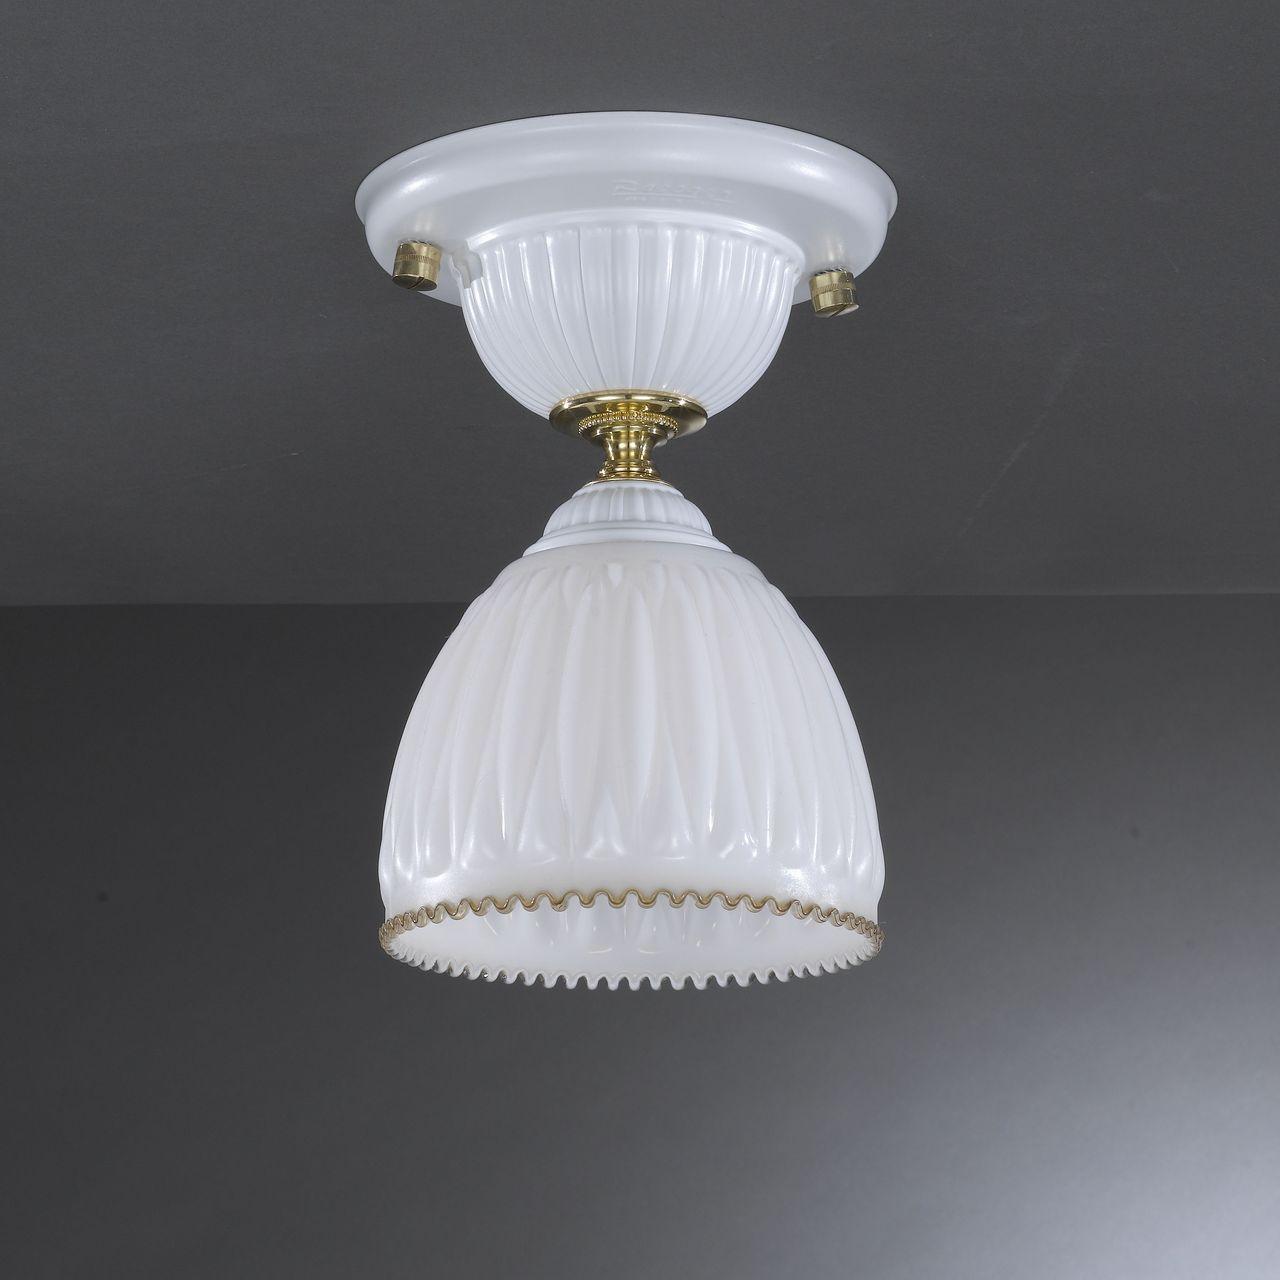 Потолочный светильник Reccagni Angelo PL 9601/1